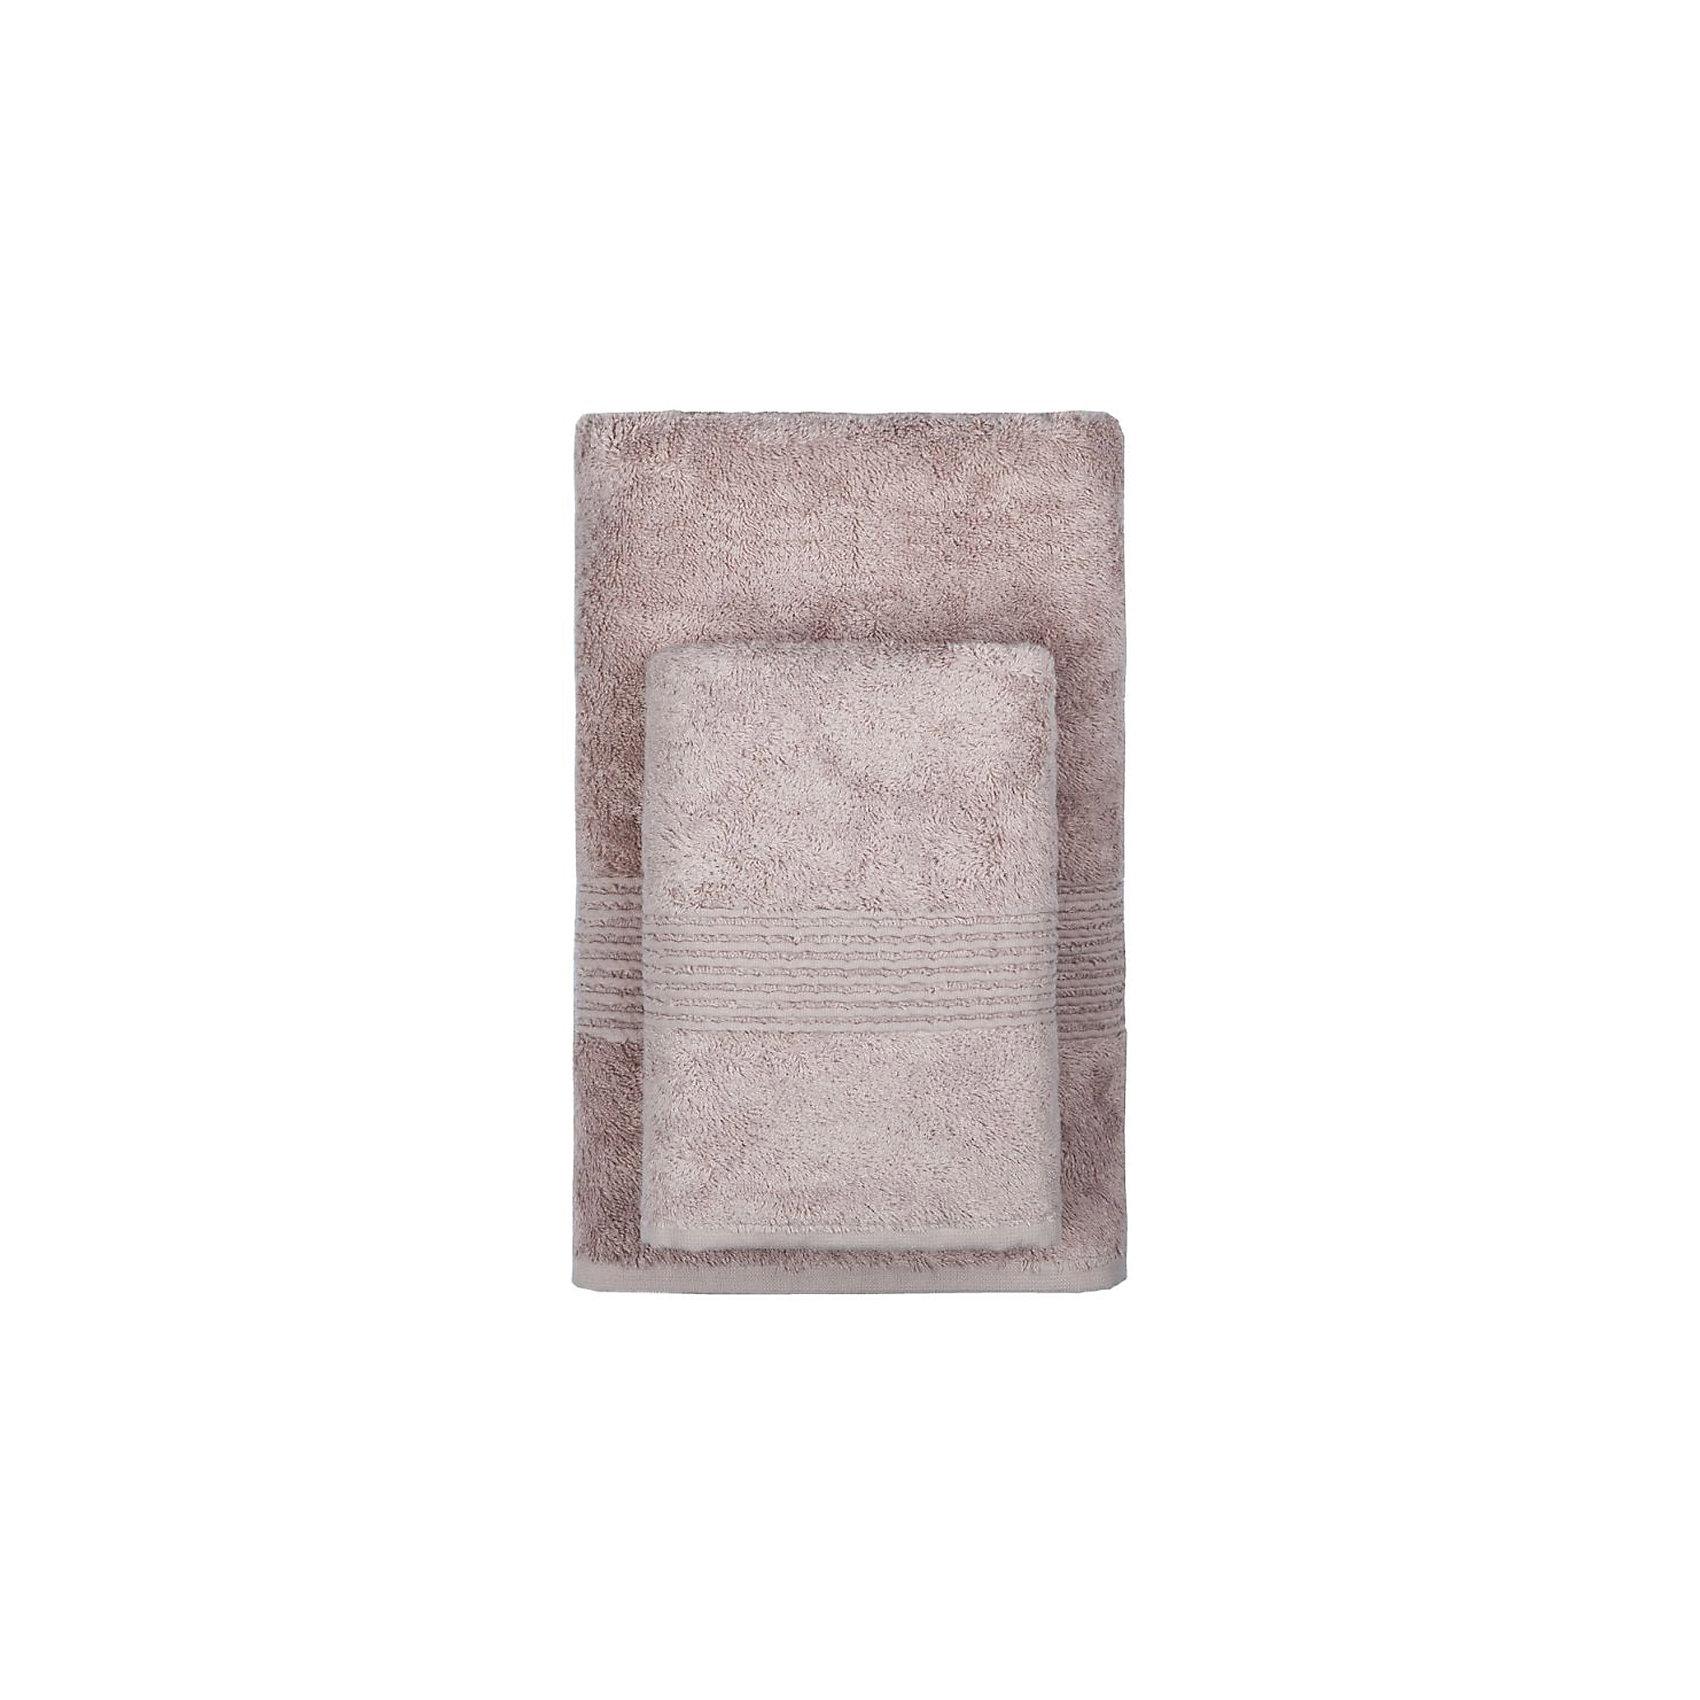 Полотенце махровое Maison Bambu, 50*90, TAC, кофе (kahve)50*90; 50% хлопок, 50% бамбук/махра/550 гр/м2. Полотенца ТАС Приятно удивляют и дают возможность почувствовать себя творцом окружающего декора. Махровая ткань – официальное название «фроте», народное – «махра». Фроте – это натуральная ткань, поверхность которой состоит из ворса (петель основных нитей). Ворс может быть как одинарным (односторонним), так и двойным (двусторонним).<br><br>Ширина мм: 250<br>Глубина мм: 30<br>Высота мм: 230<br>Вес г: 300<br>Возраст от месяцев: 216<br>Возраст до месяцев: 1188<br>Пол: Унисекс<br>Возраст: Детский<br>SKU: 5476334